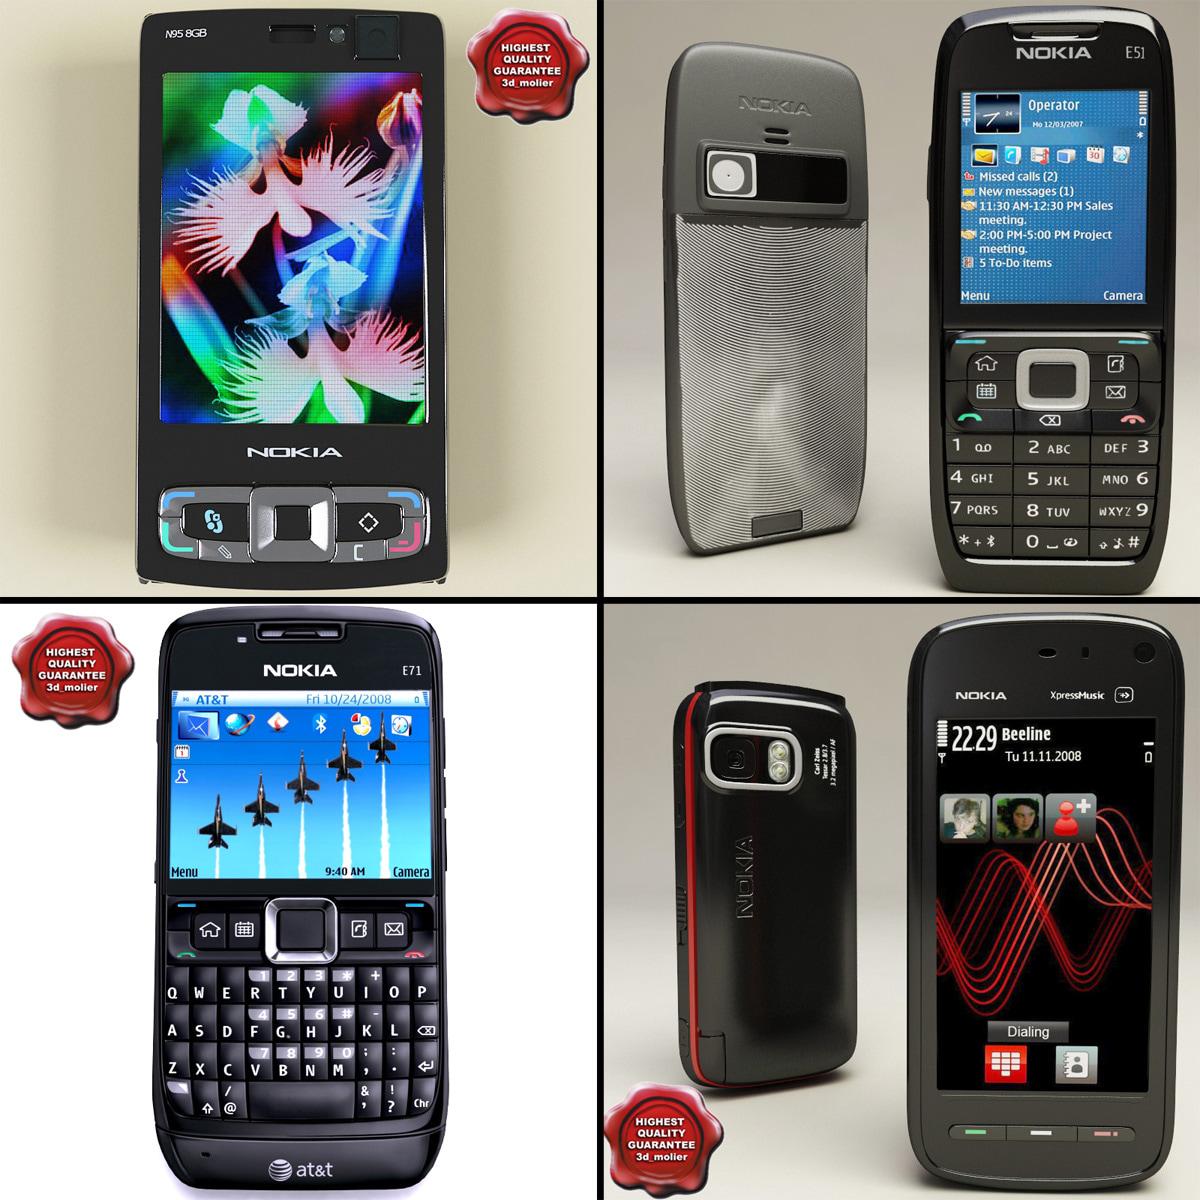 Nokia Phones V2 3d Model E71 Gsm Original